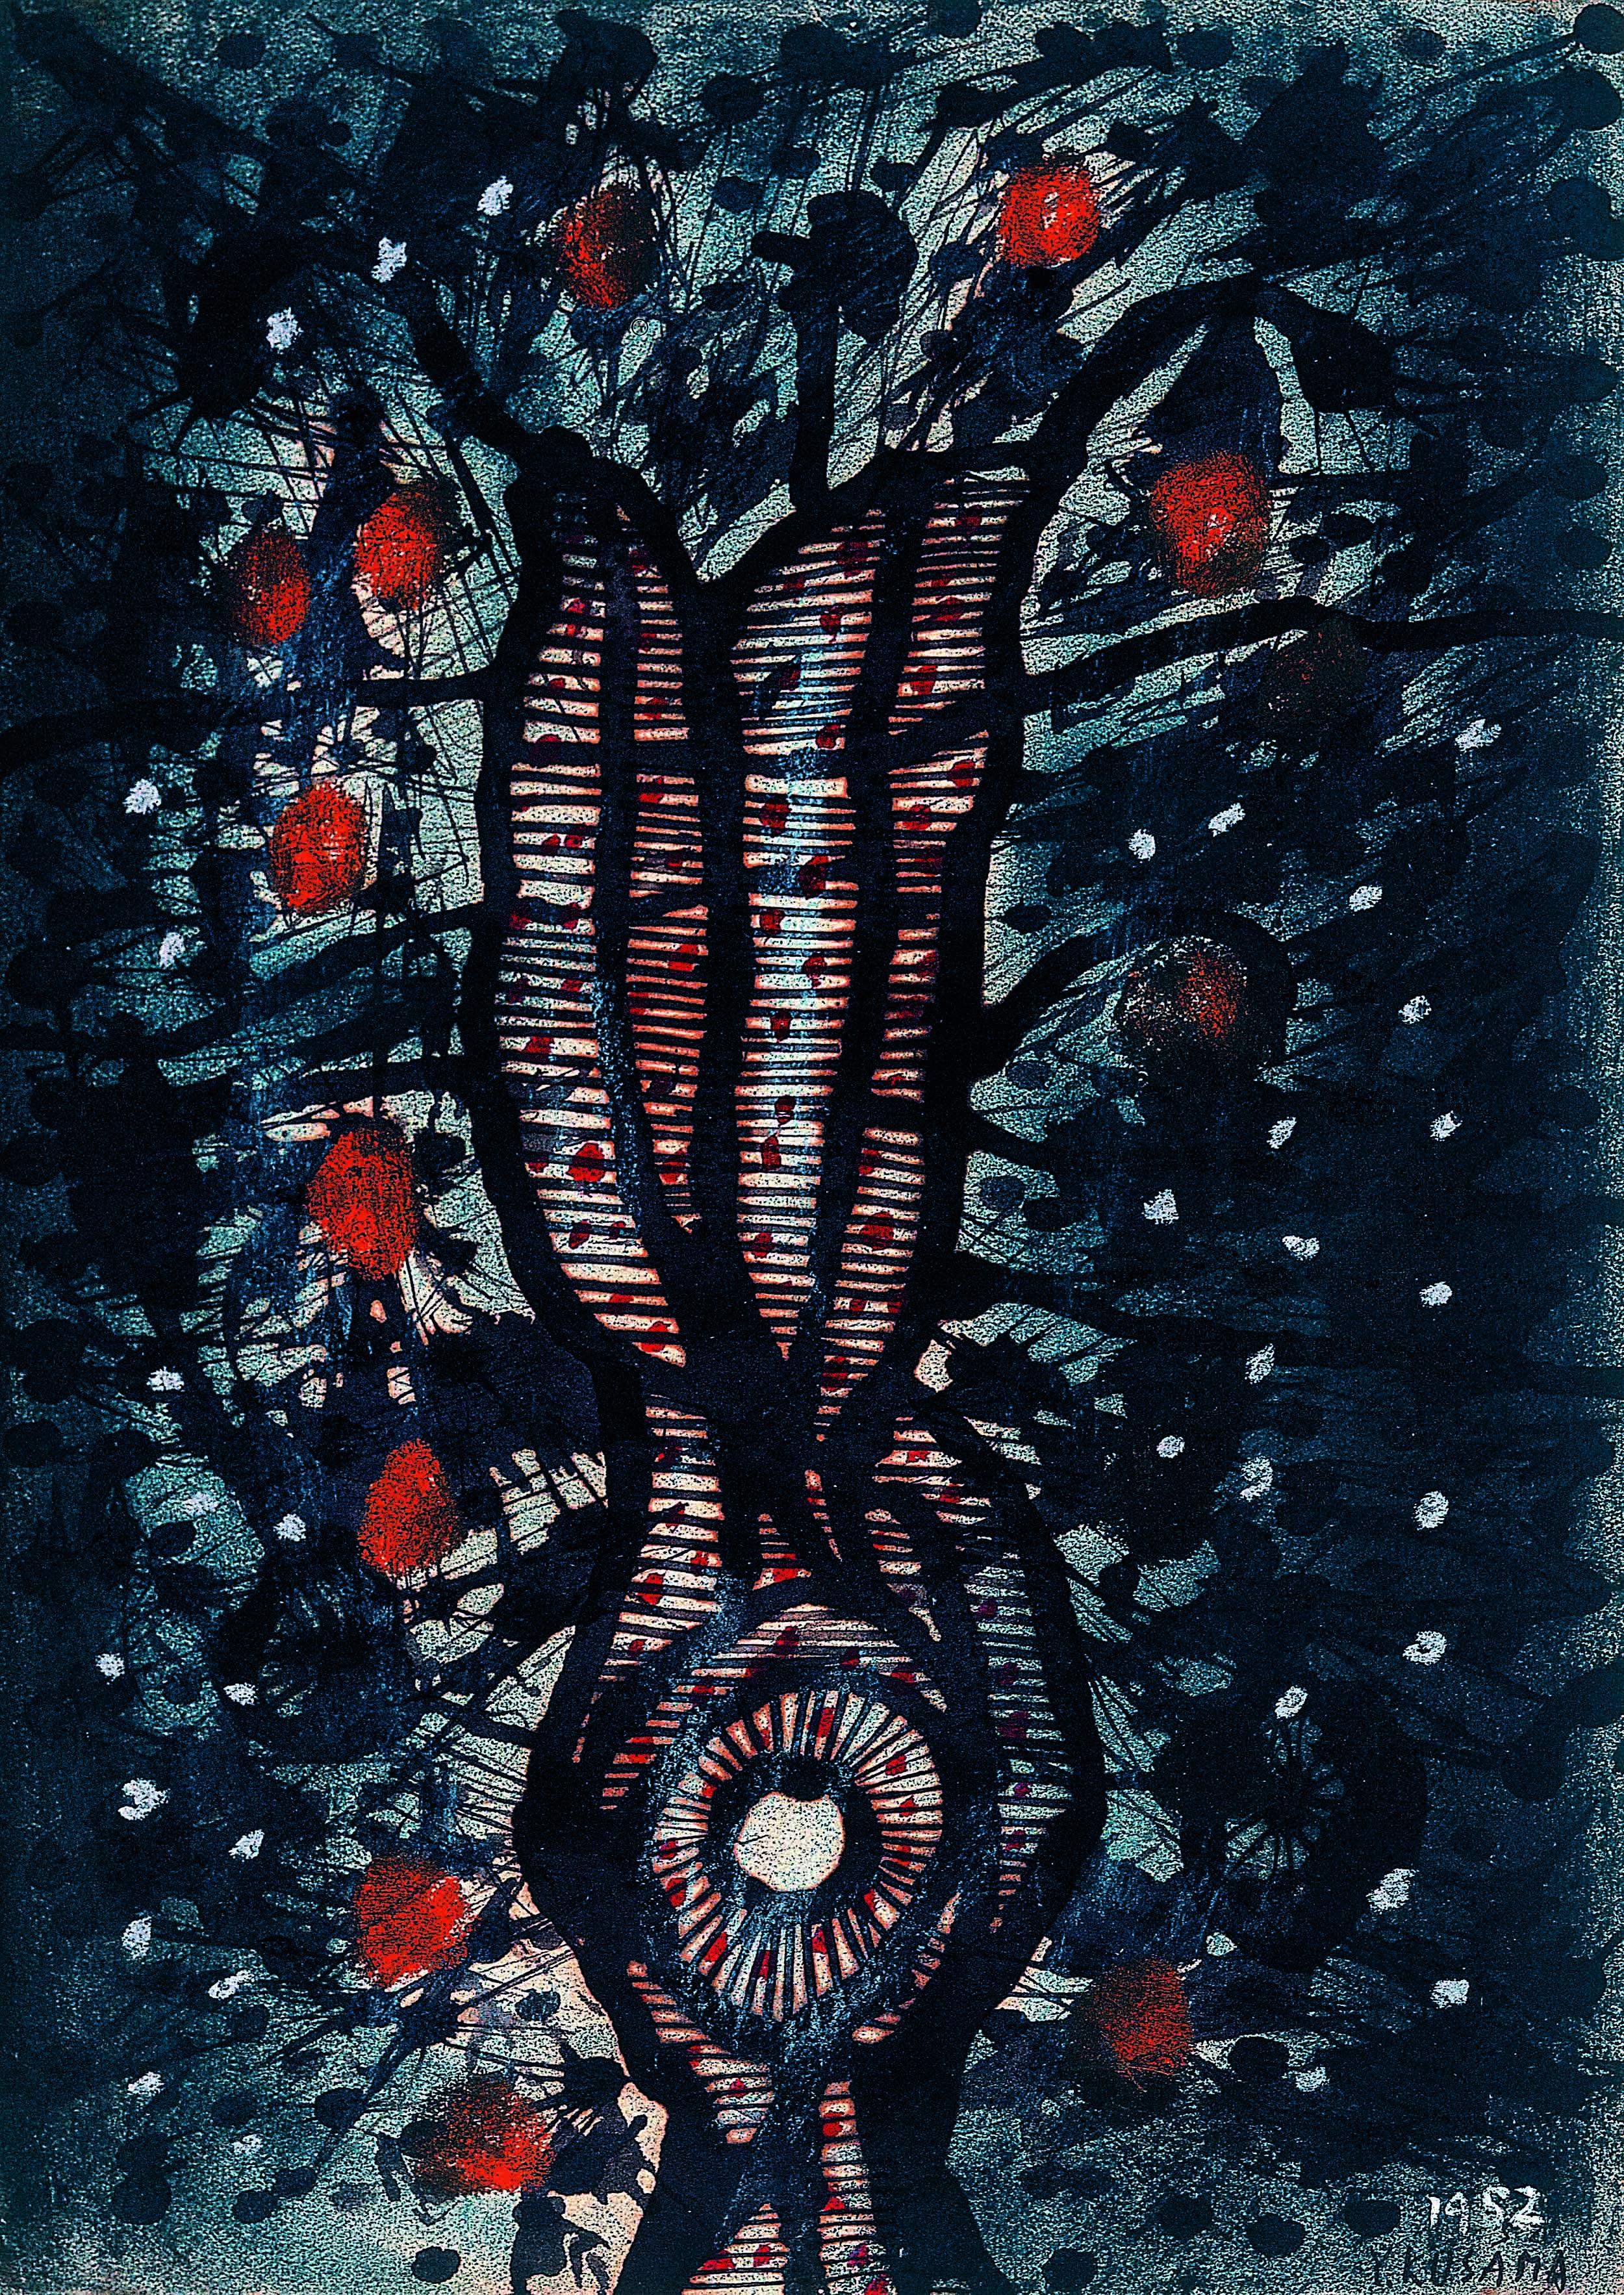 187 London Yayoi Kusama Retrospective At Tate Modern